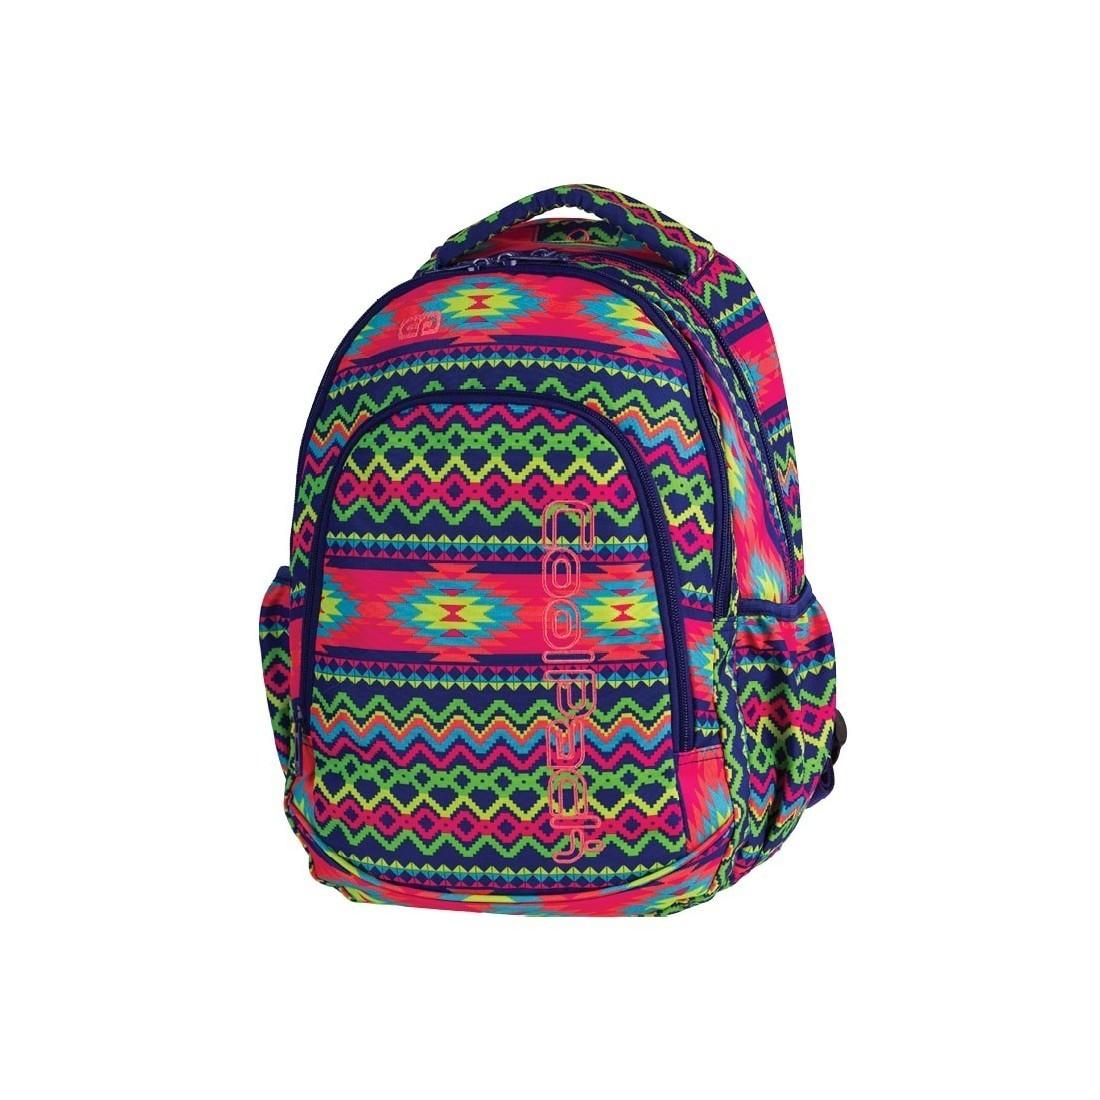 e2e89132b82ea CoolPack CP PRIME BOHO ELECTRA Aztec Boho plecak dla pierwszoklasisty  azteckie wzory dla dziewczynki - 1061